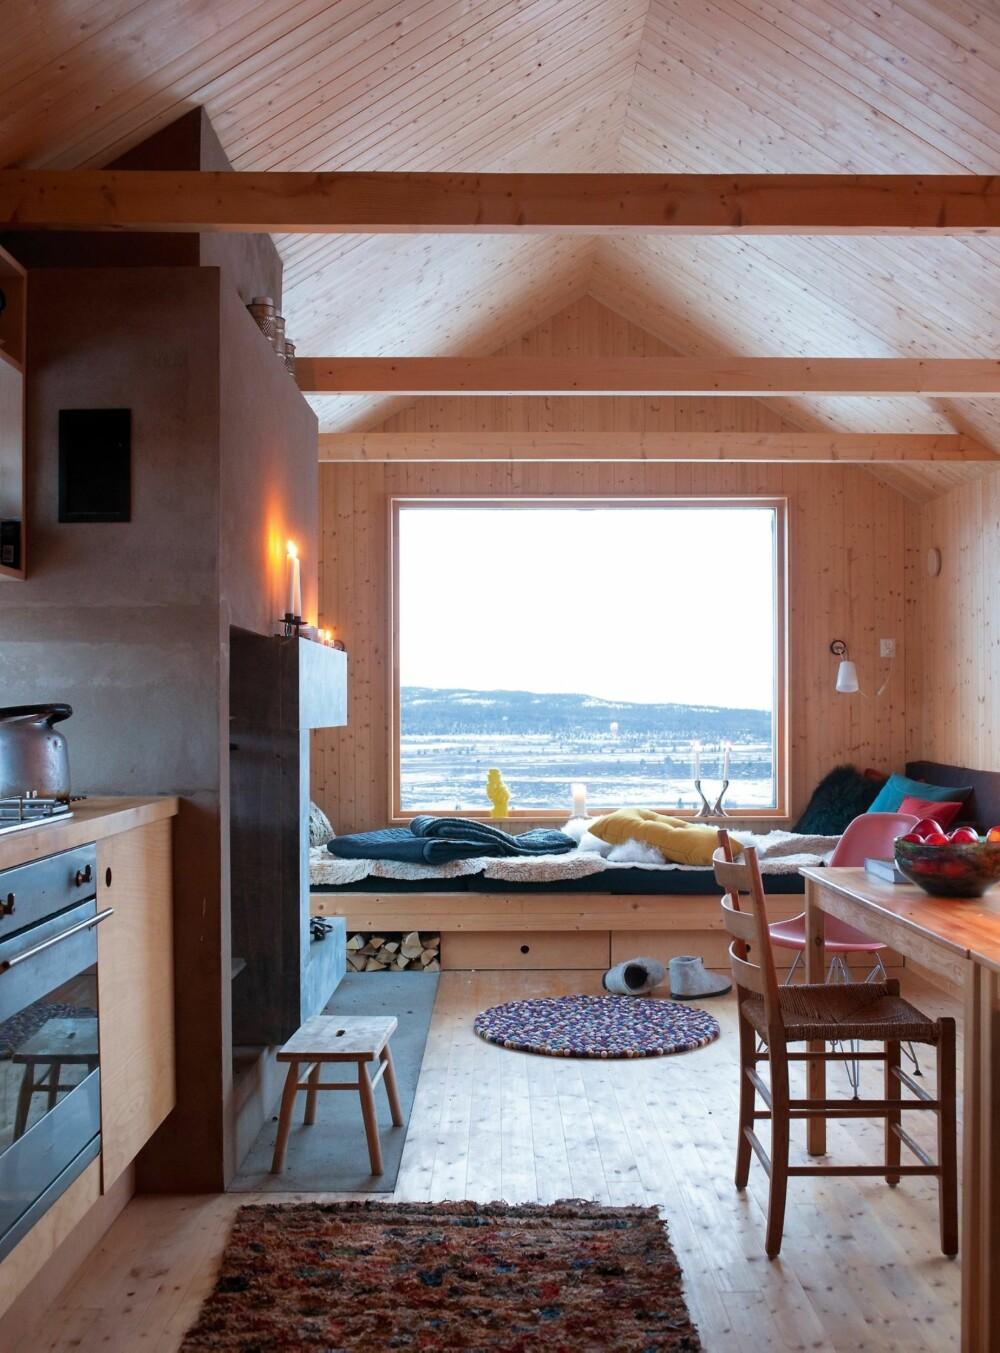 TRE: Bruk tre på både vegger, tak, gulv, kjøkken og møbler for å få et naturlig utrykk.